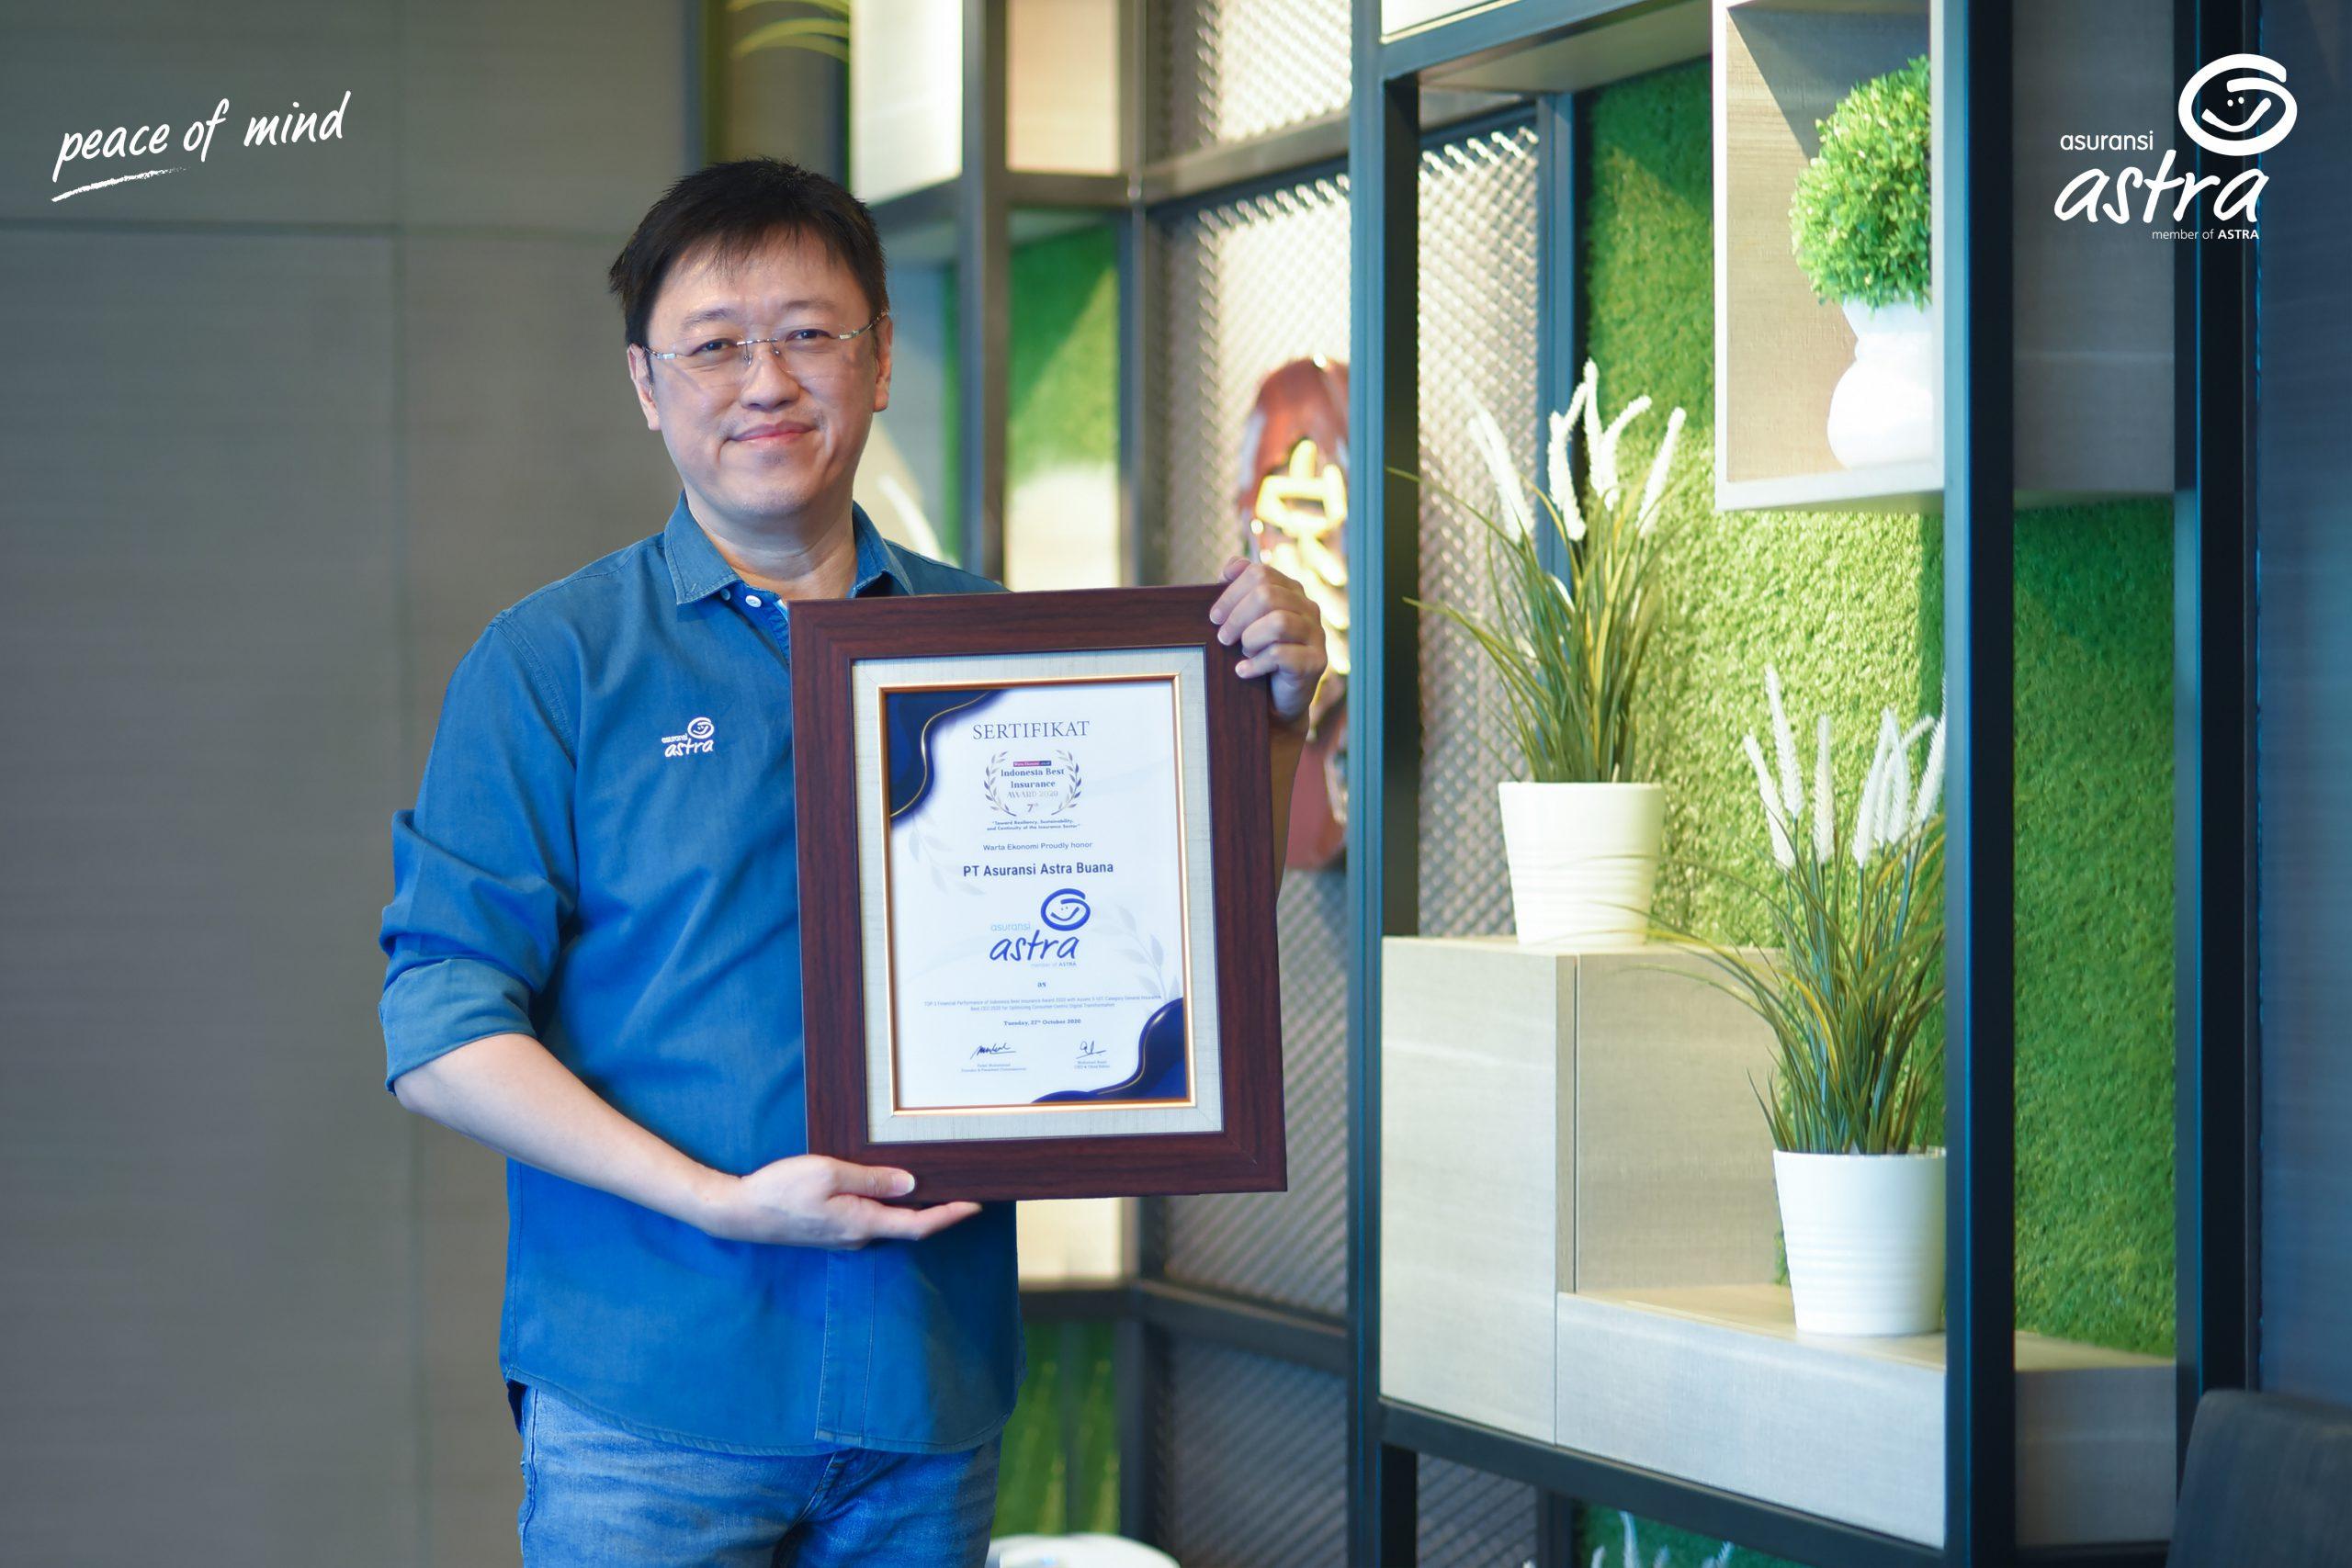 Asuransi Astra Raih Dua Penghargaan Sekaligus dalam Indonesia Best Insurance Award 2020